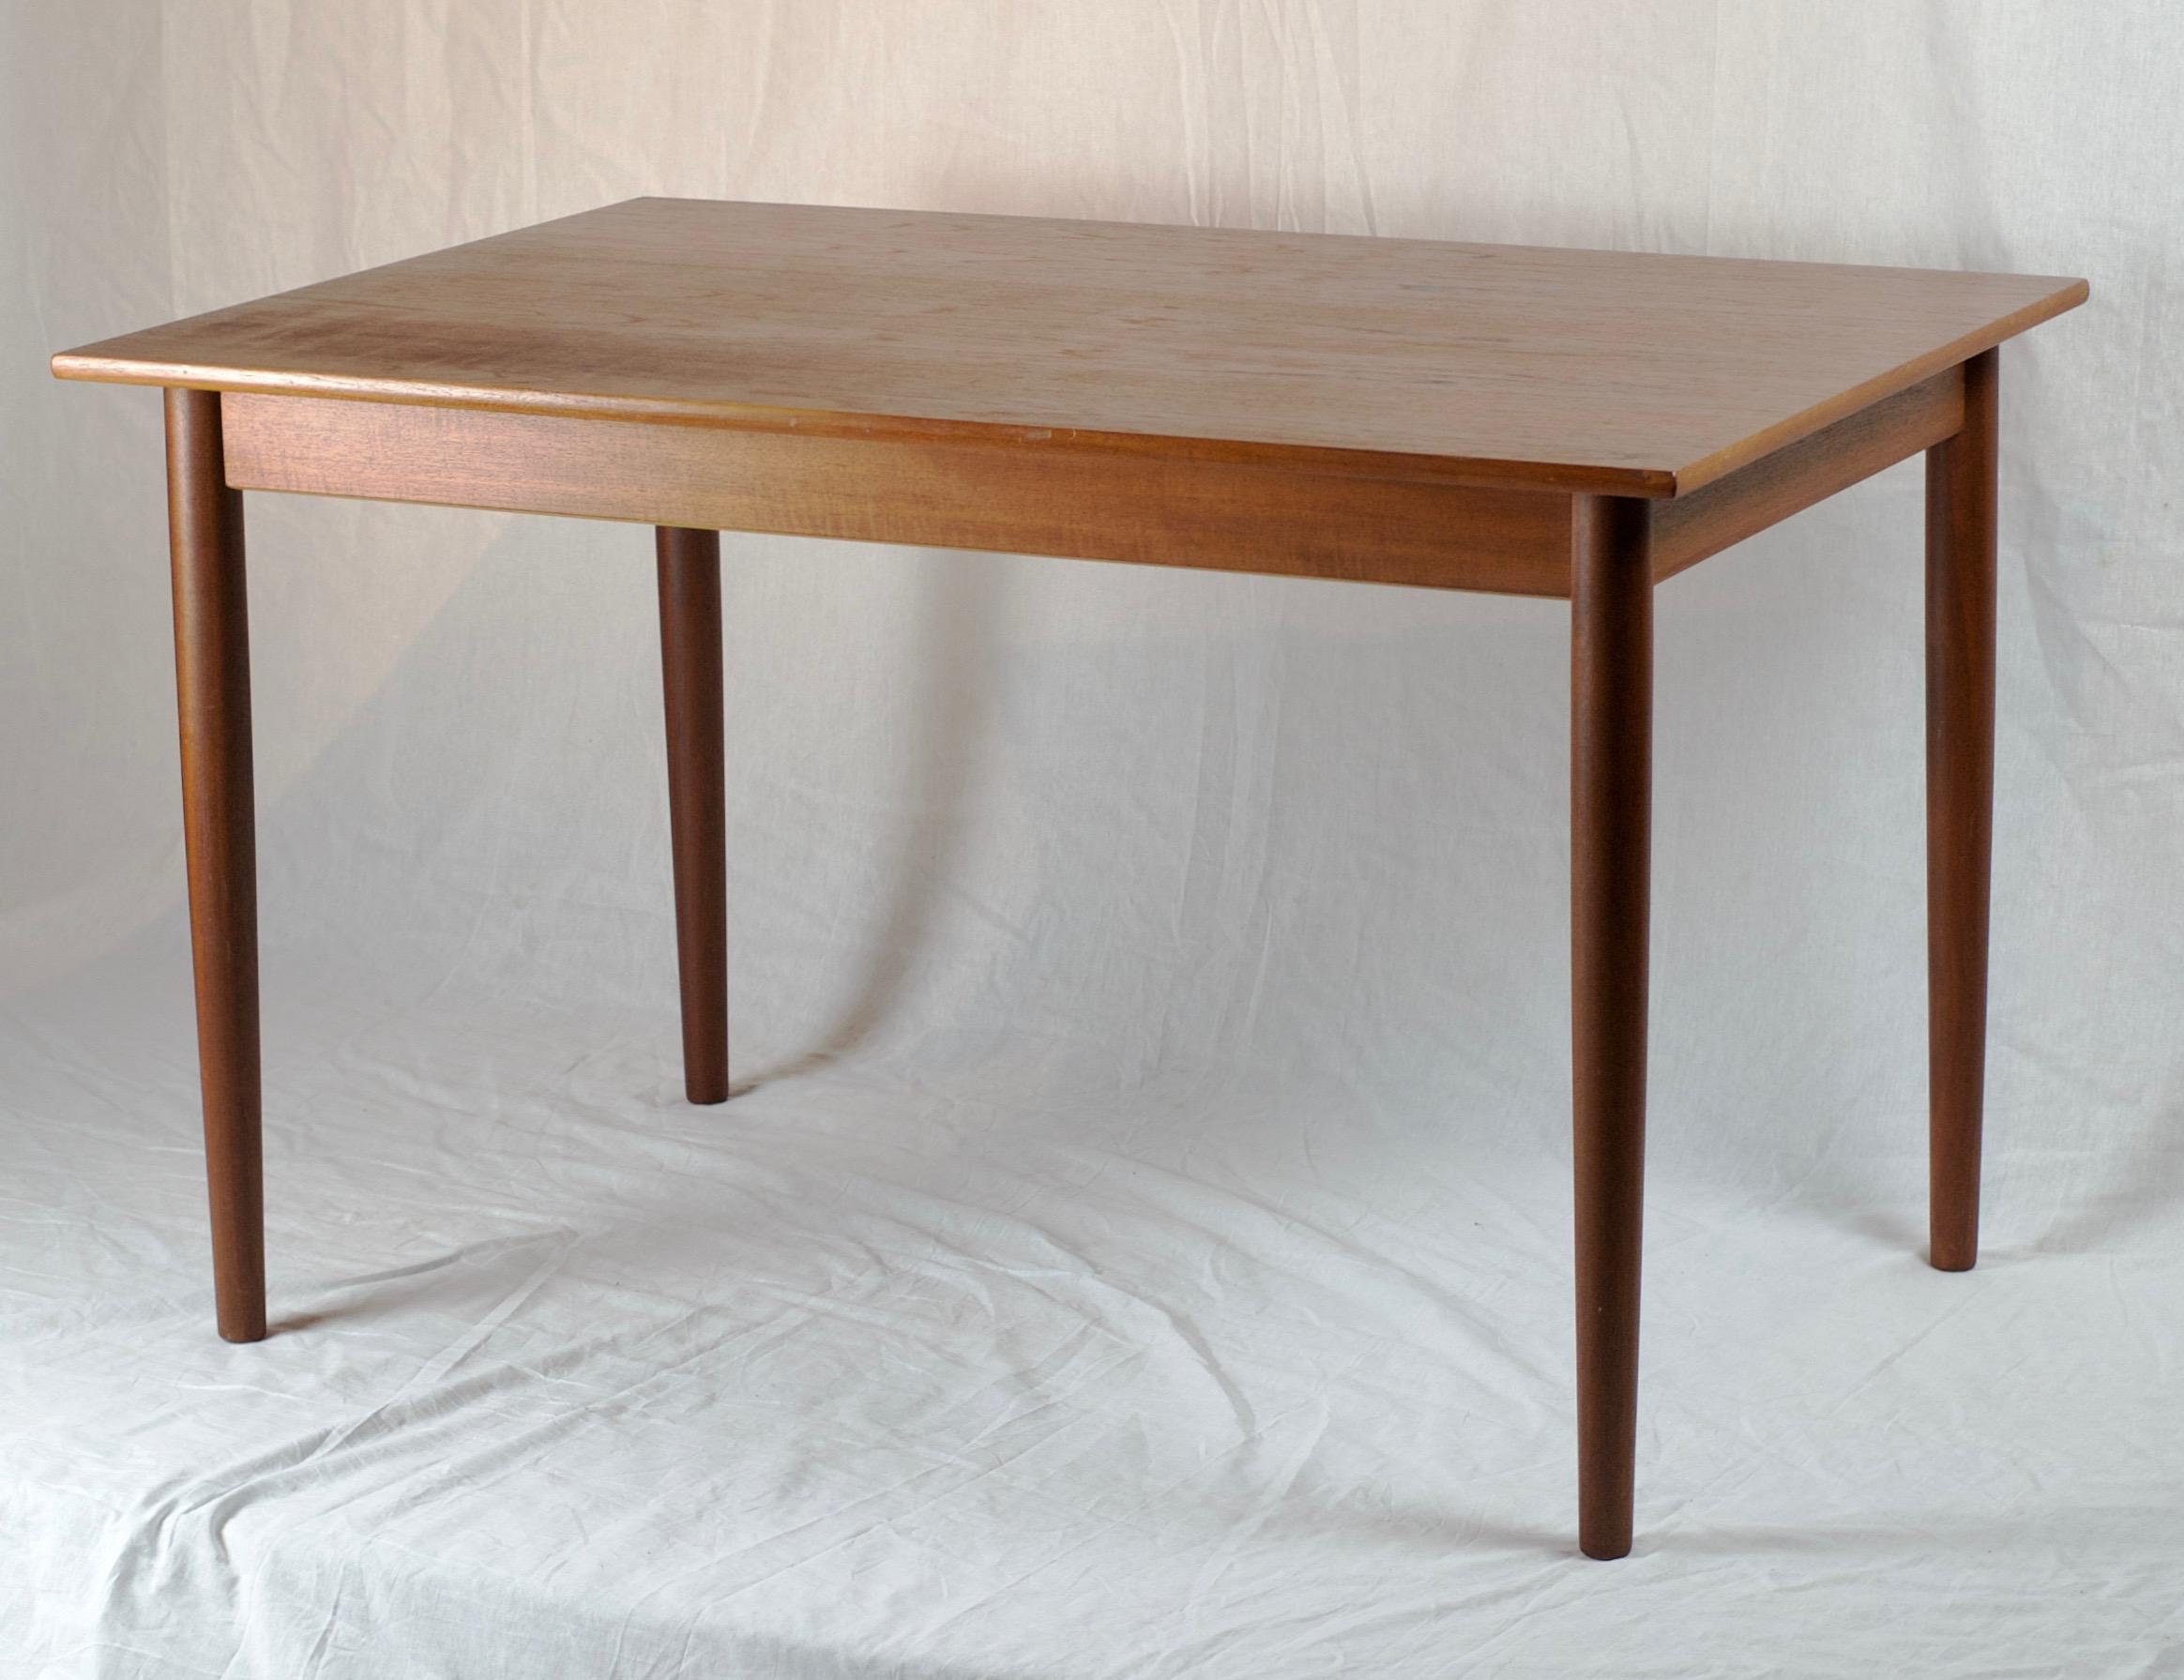 Zelf eettafel ontwerpen: moderne ovale eettafels tafel design ...